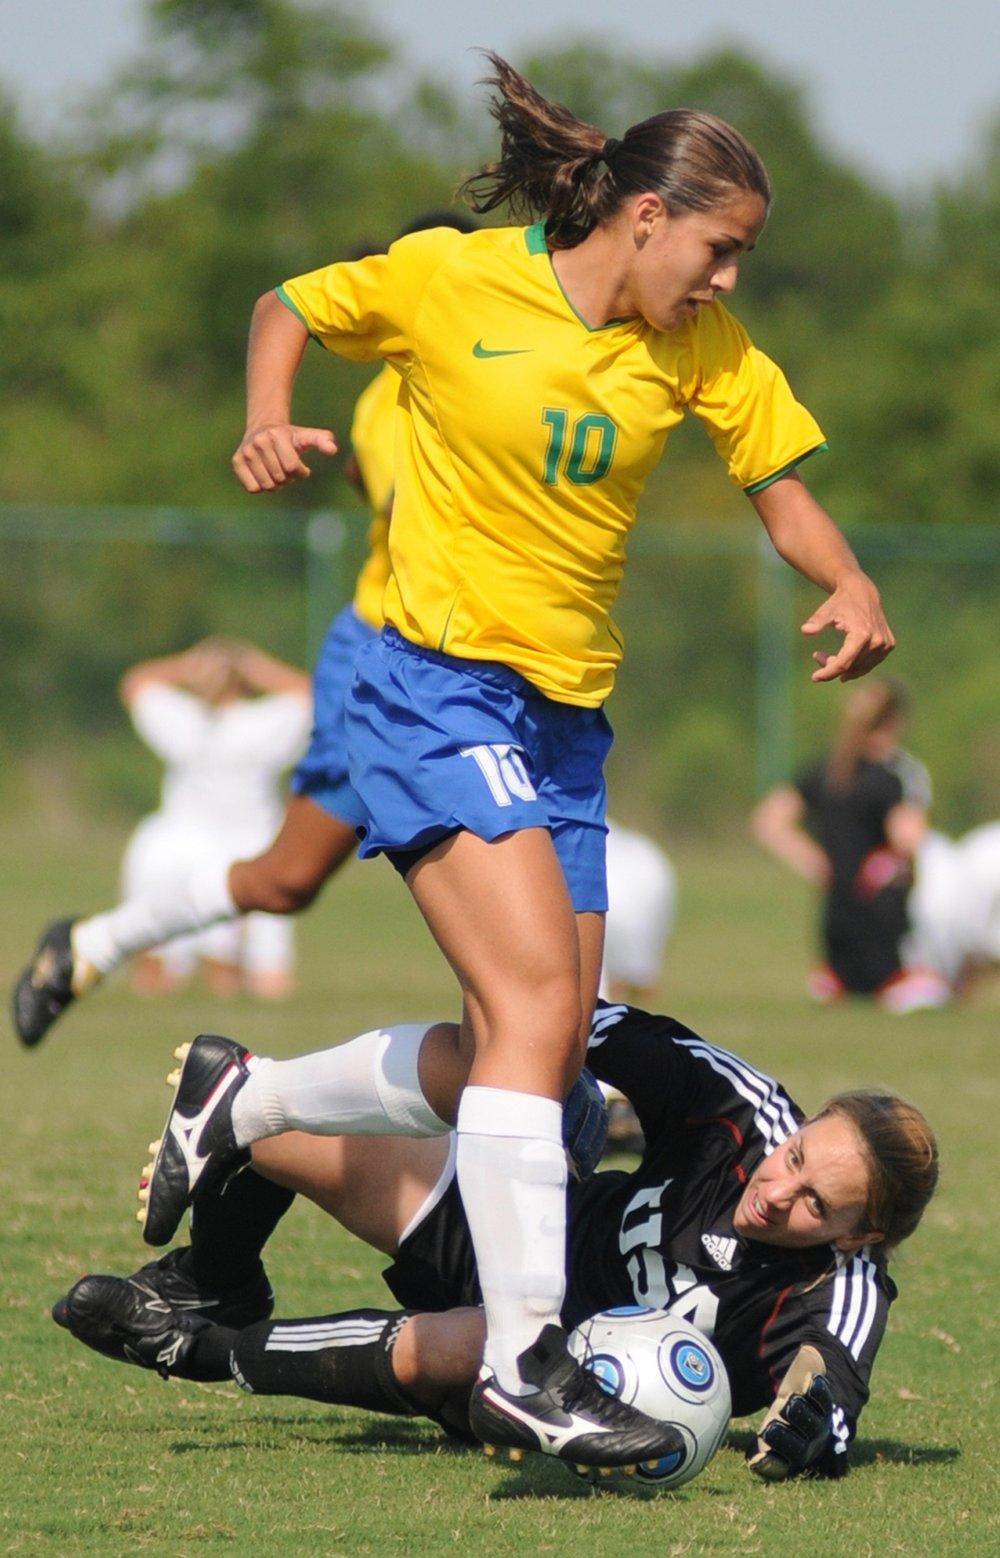 soccer-673473.jpg